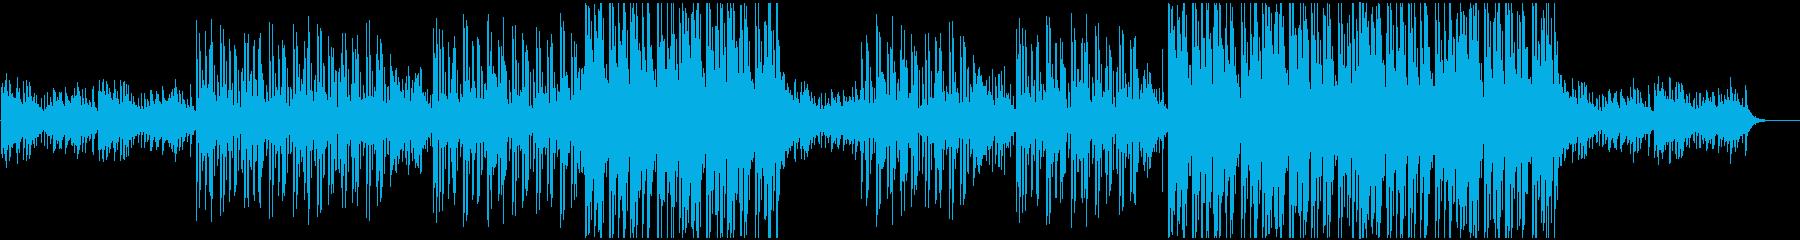 ヒップホップ系のアコースティックなBGMの再生済みの波形